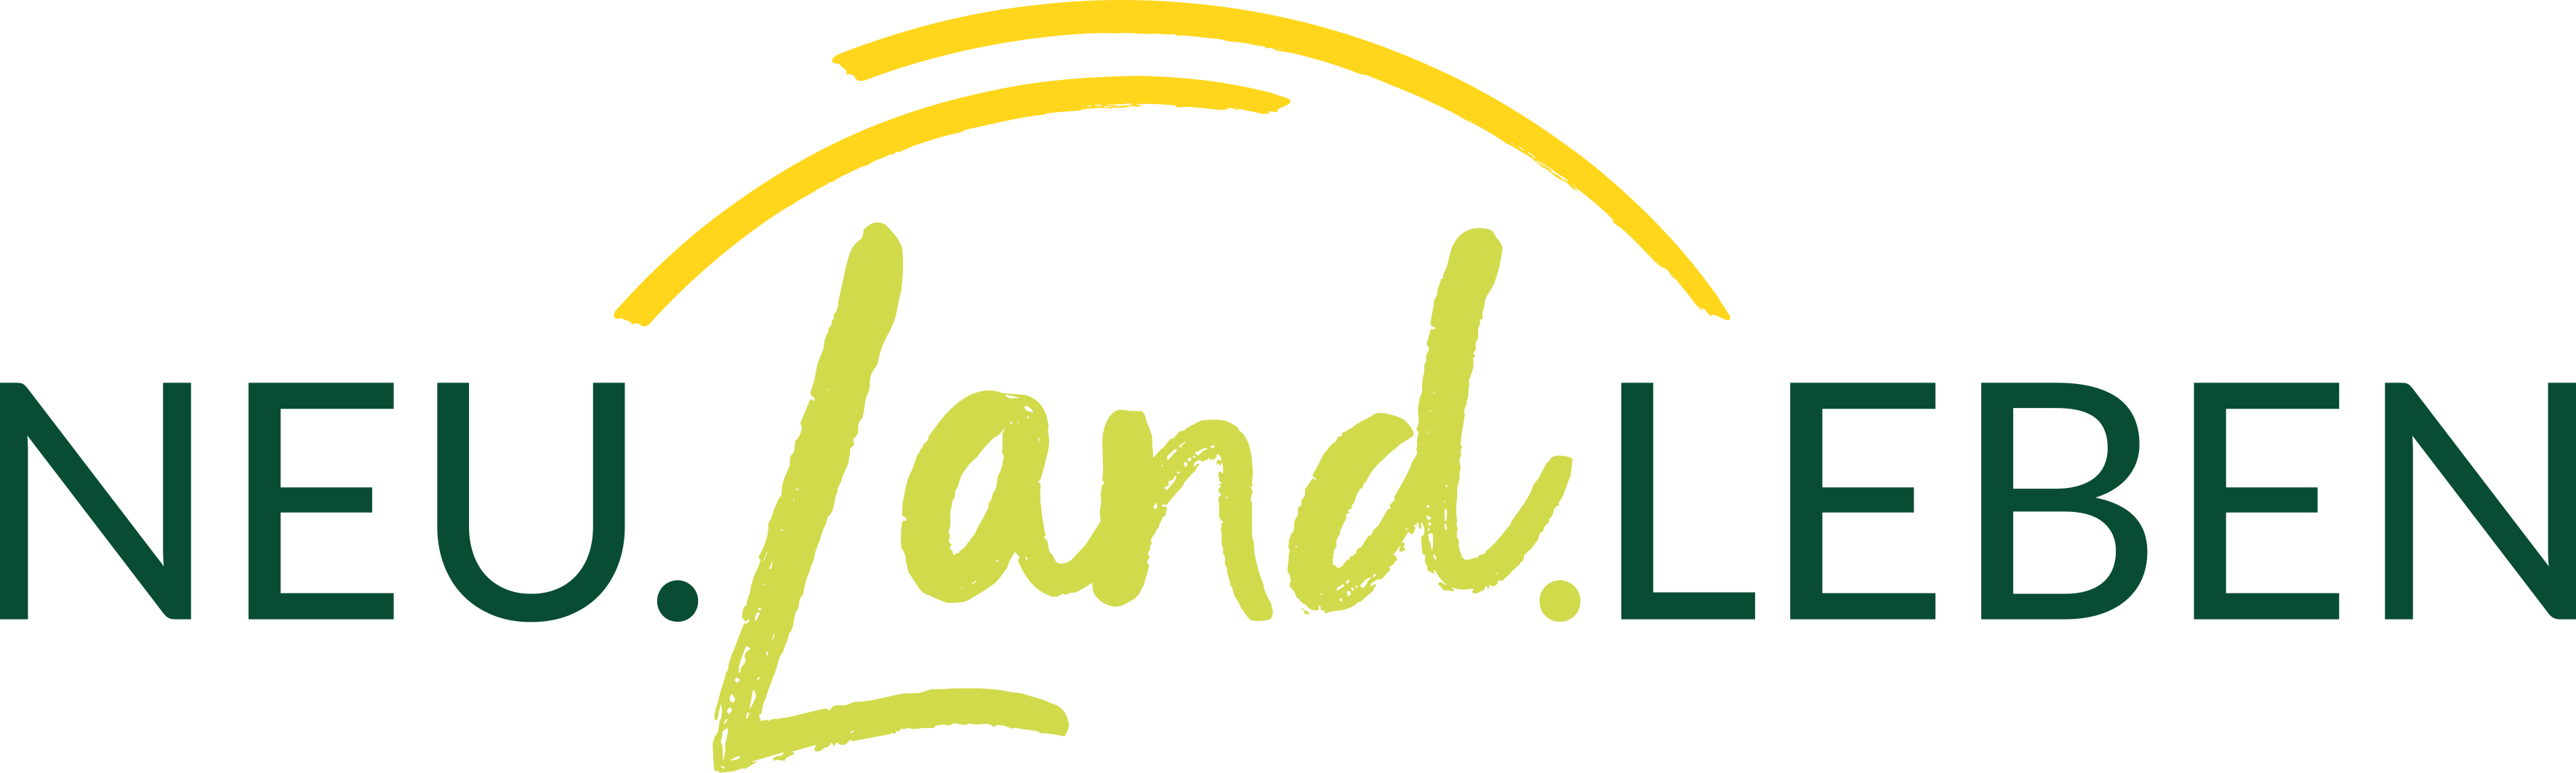 neu-land-leben_logo-quer_4c.png